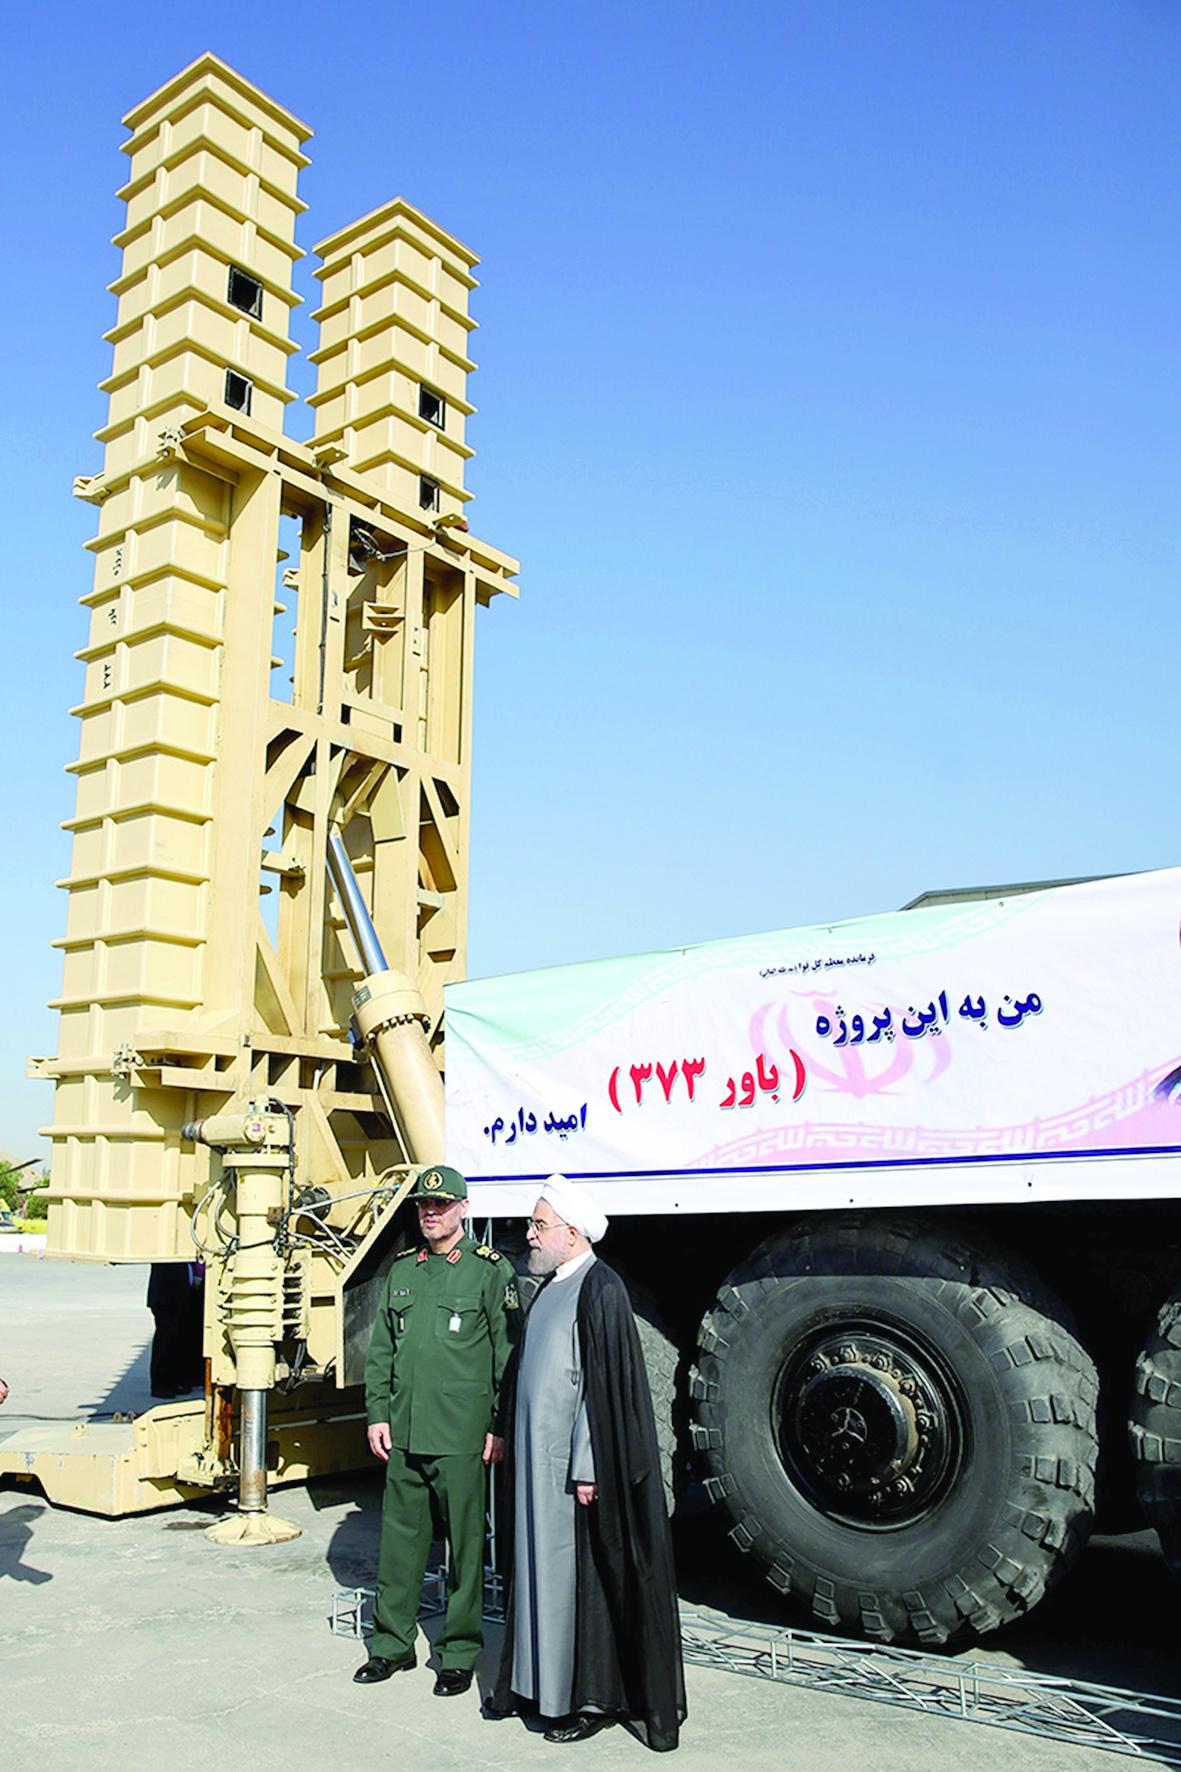 ايران تعرض للمرة الاولى صورا لمنظومتها الجديدة للدفاع الصاروخي